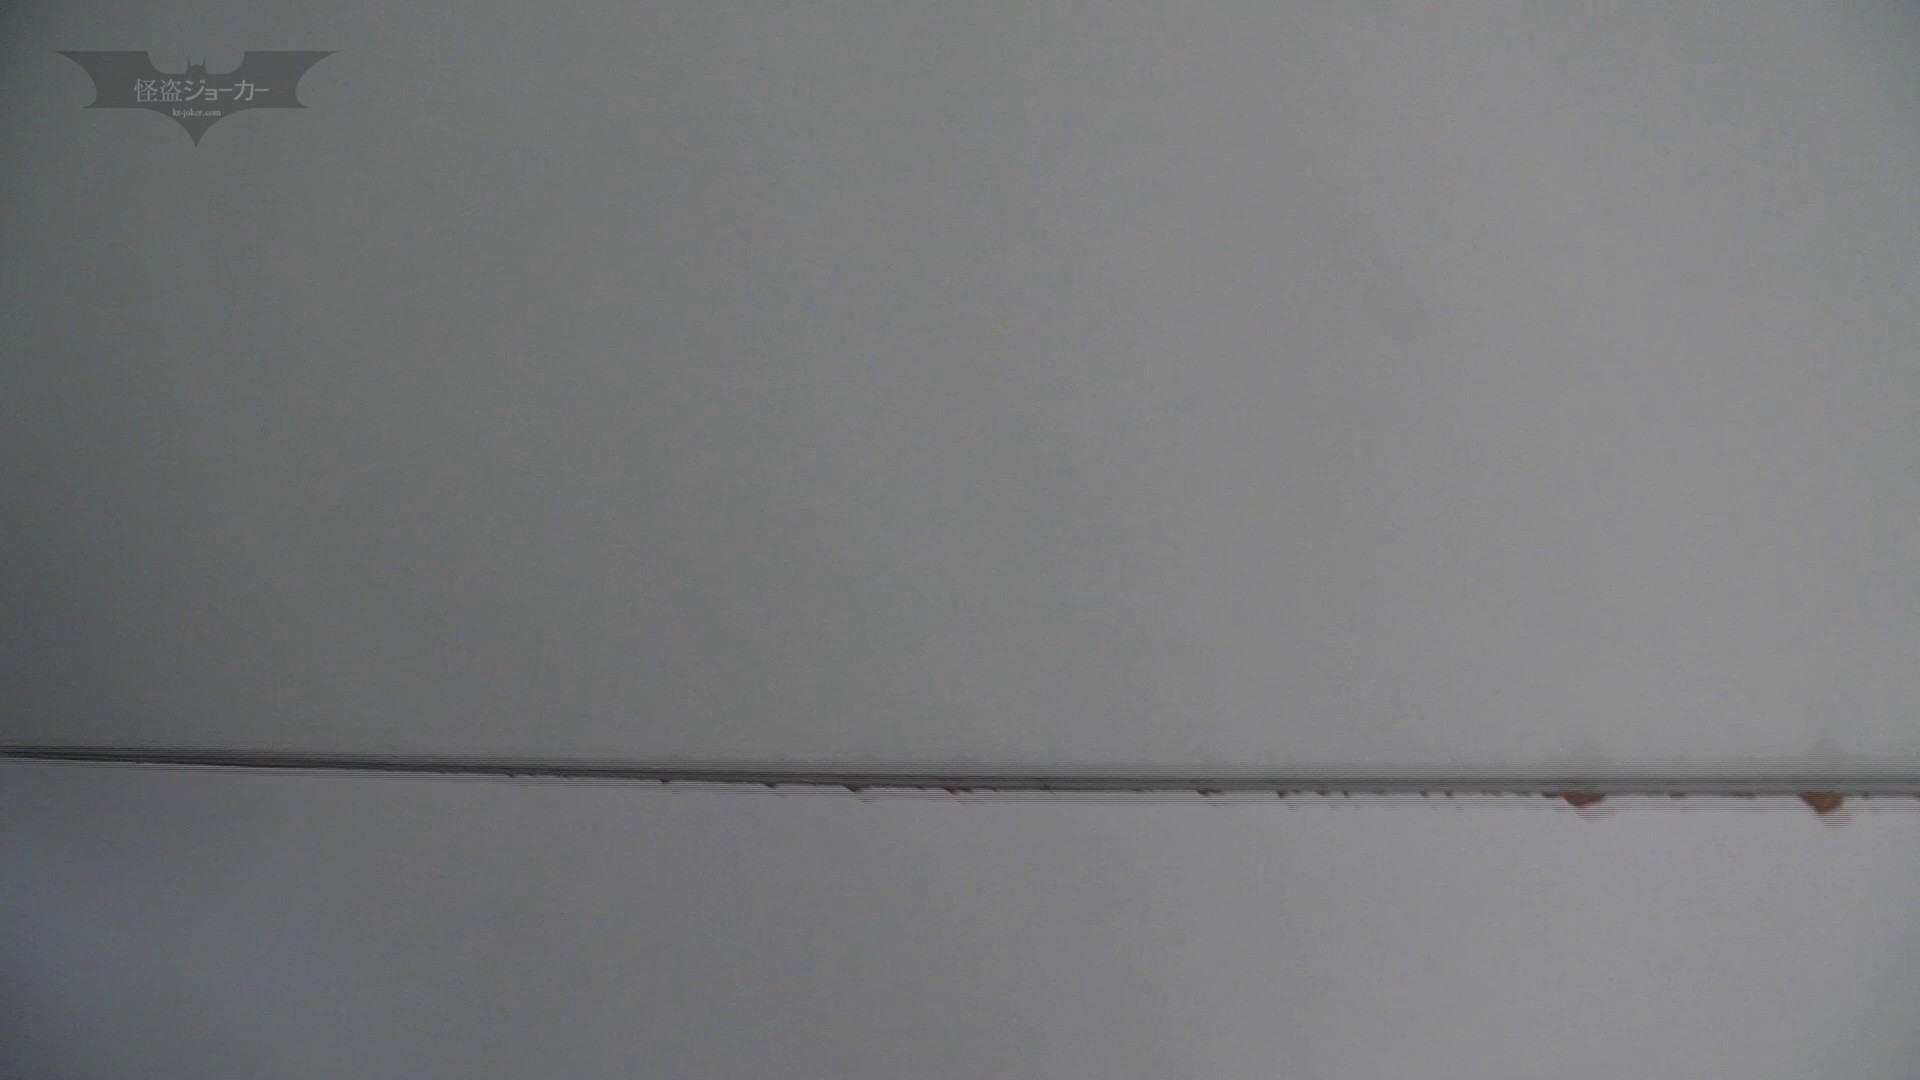 下からノゾム vol.031 扉を壊しみたら、漏れそうな子が閉じずに入ってくれた パンツ  83PIX 50